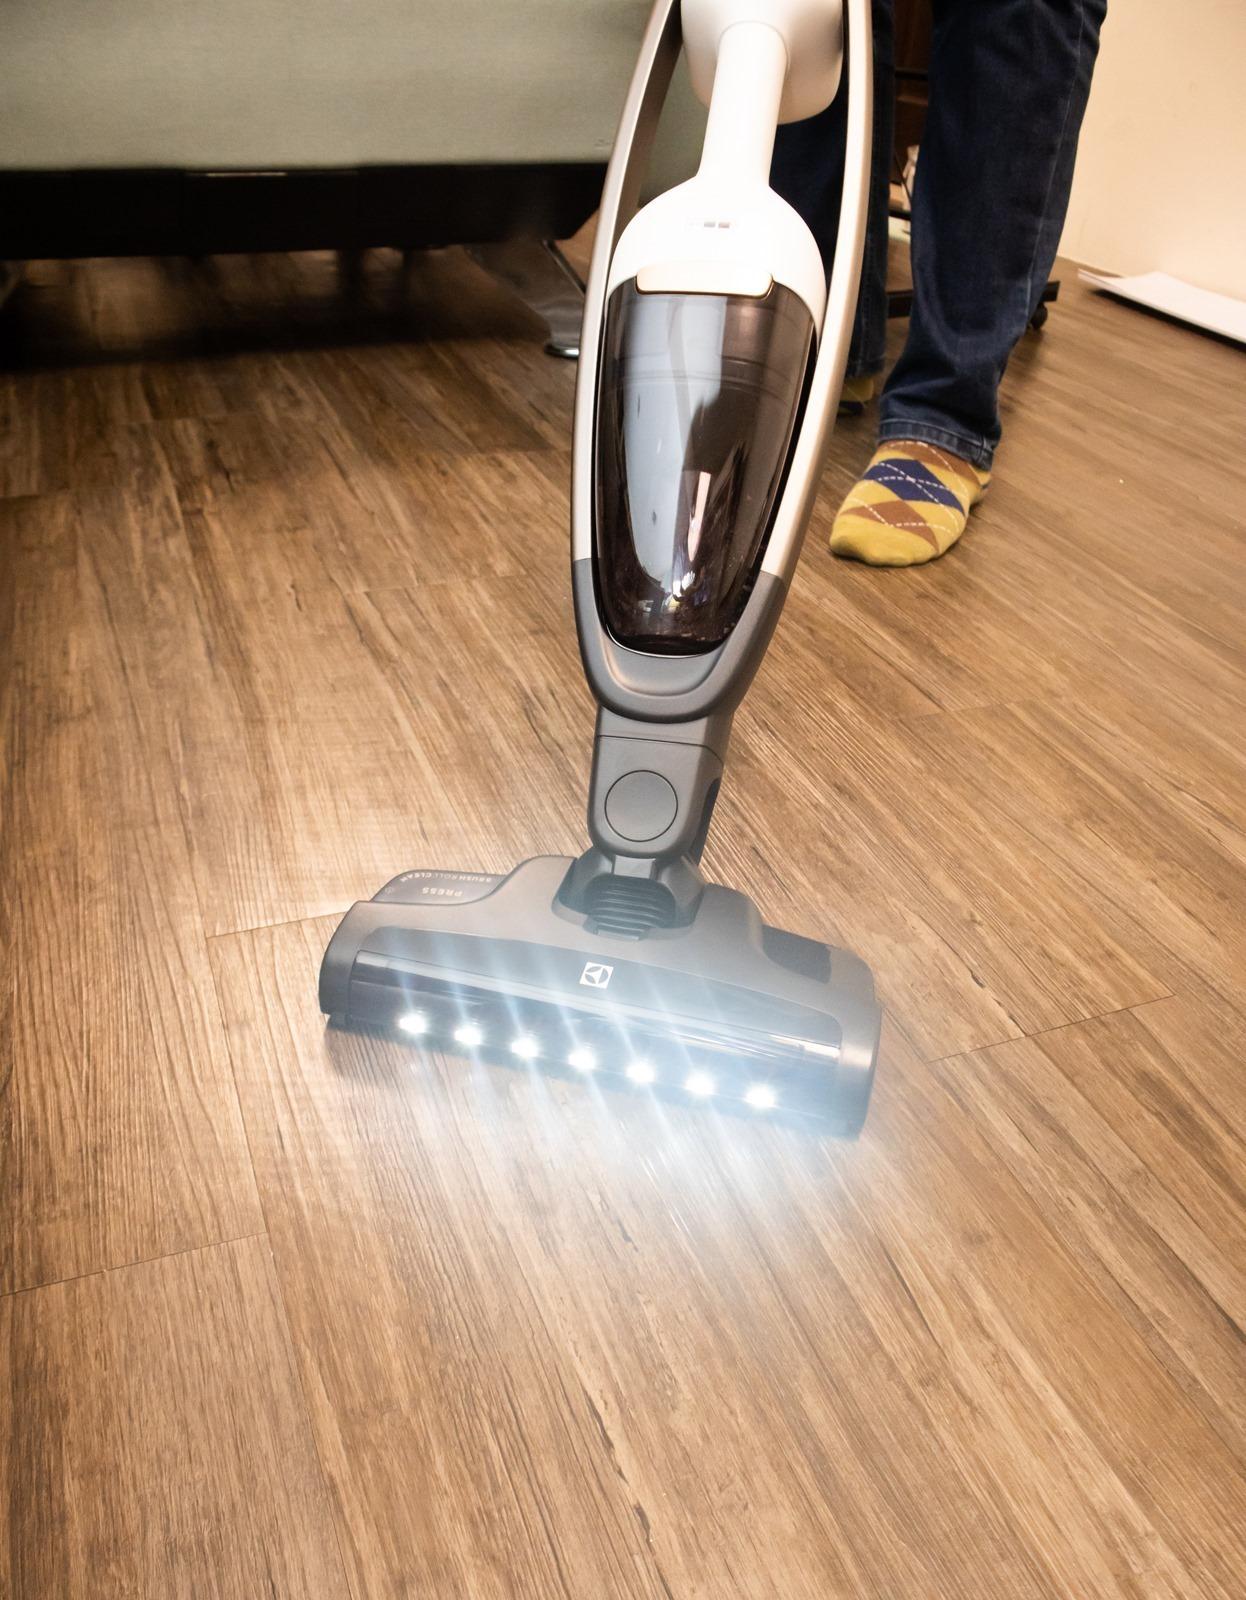 【開箱】 Electrolux 伊萊克斯 PURE Q9 強效靜頻吸塵器,打掃安靜又強效!